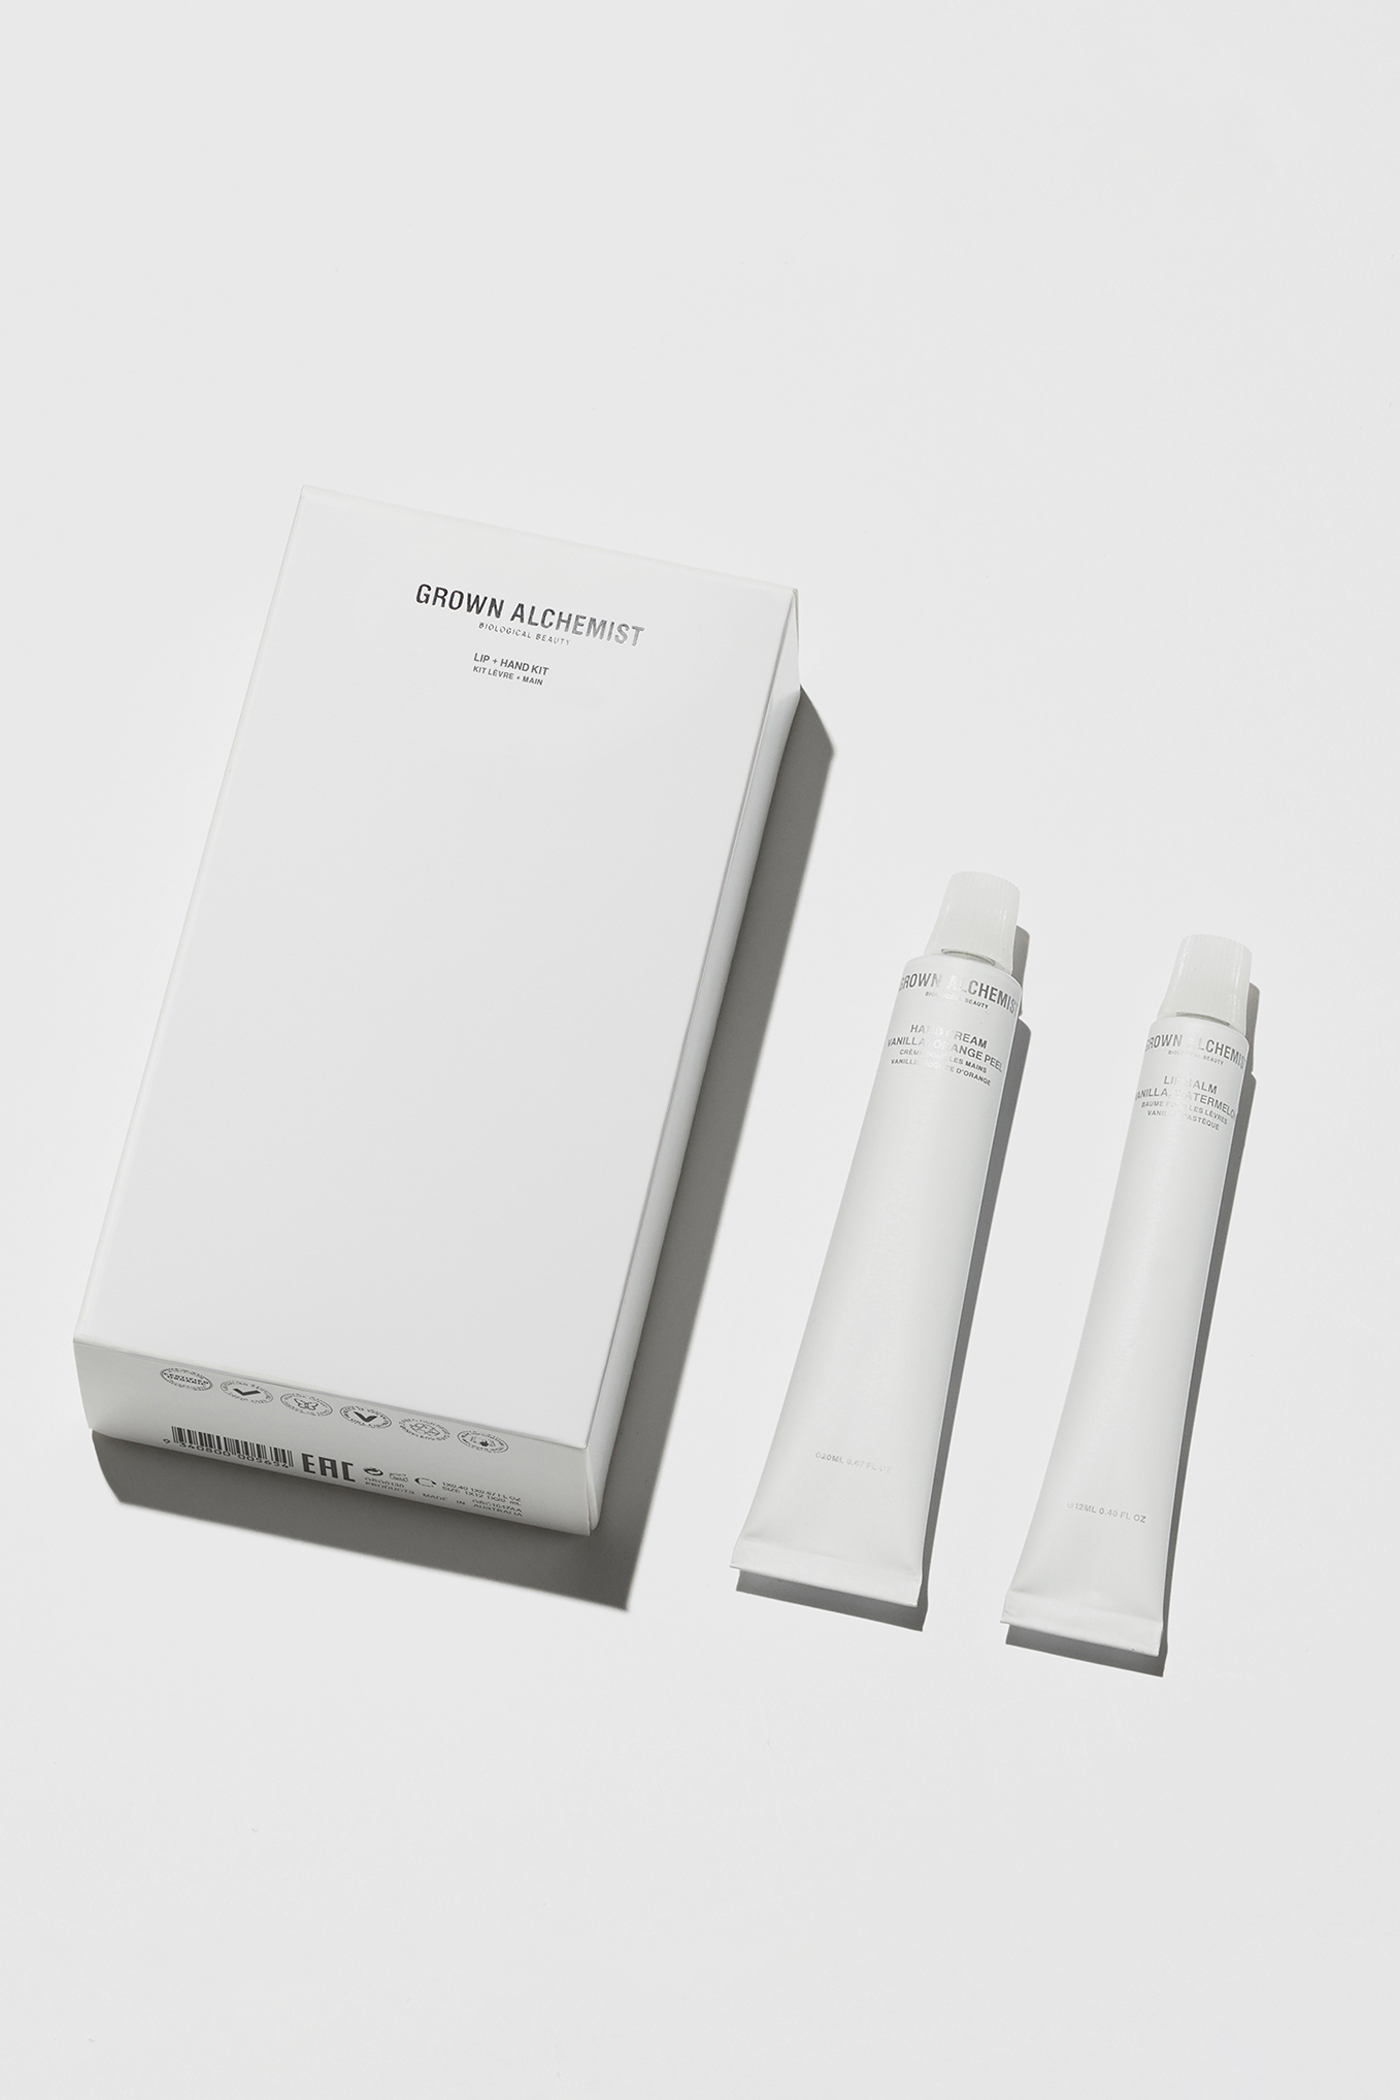 Grown Alchemist Lip + Hand Kit